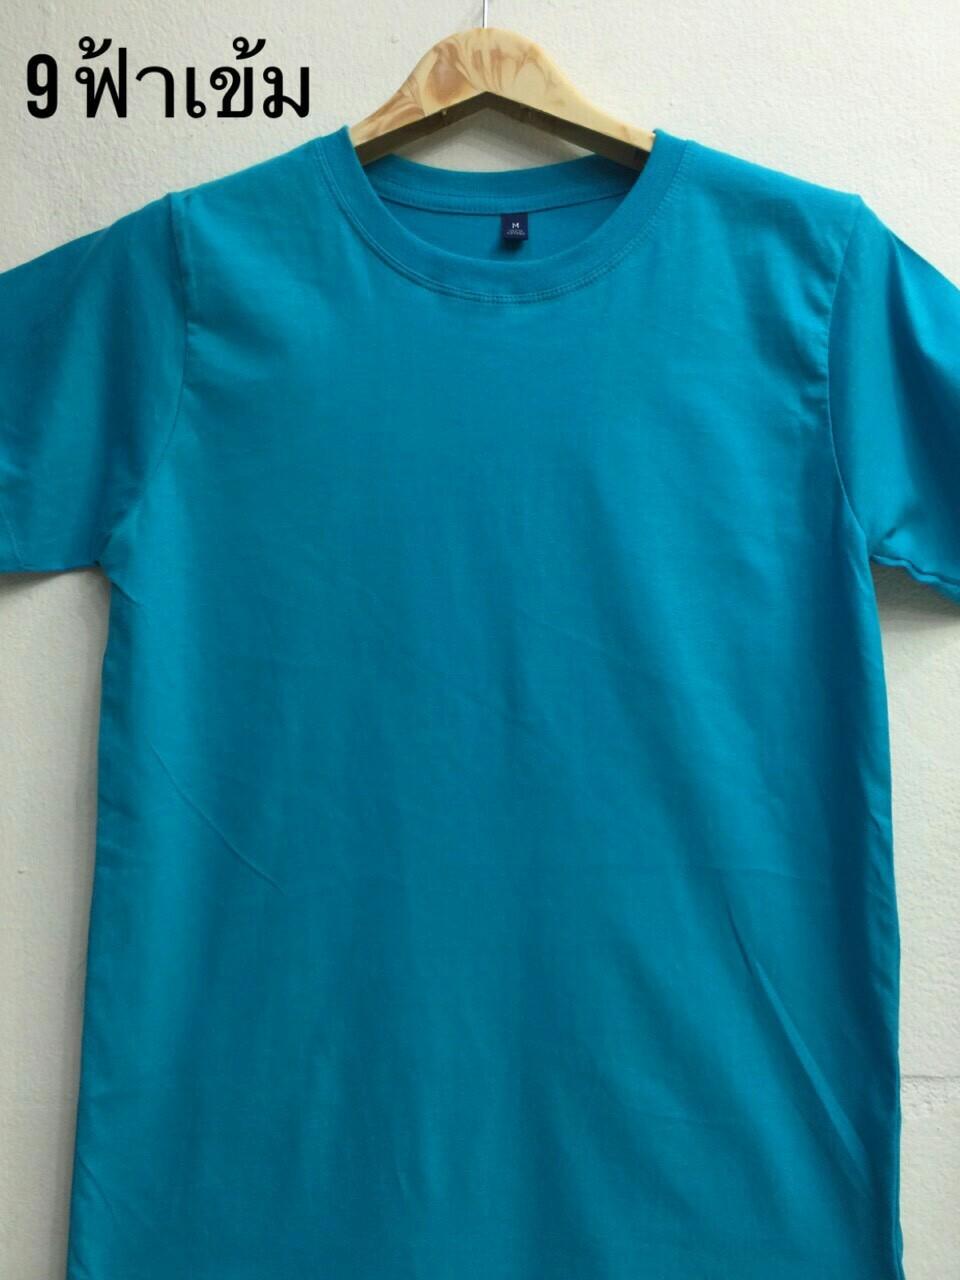 เสื้อ Cotton สีฟ้าเข้ม ไซส์ S,M,L